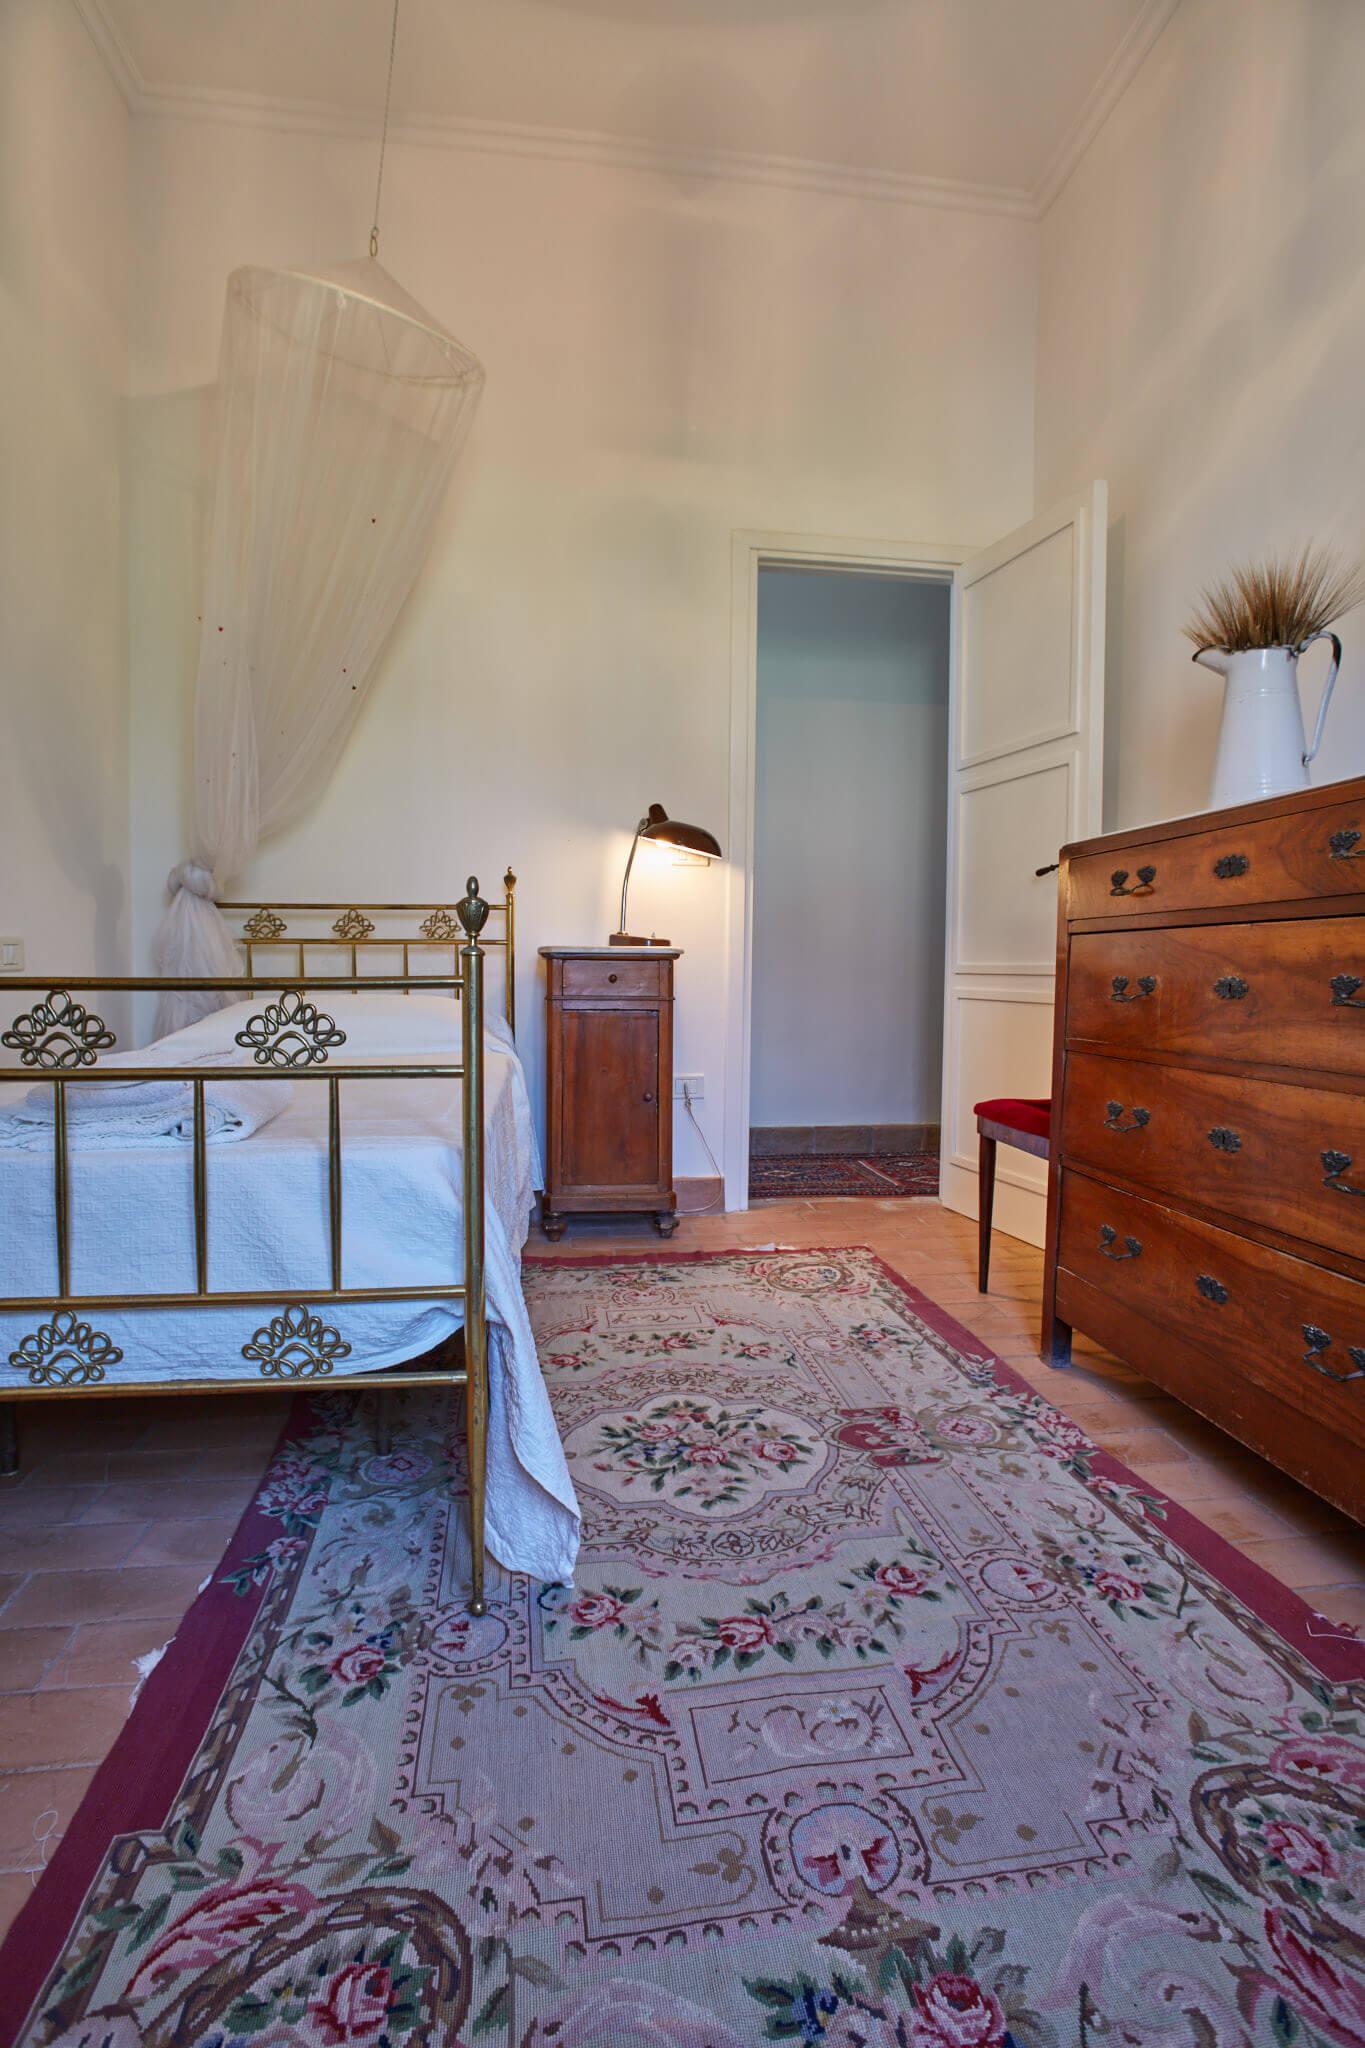 Een Persoon Slaapkamer.Slaapkamer 1 Persoon Huis Italie